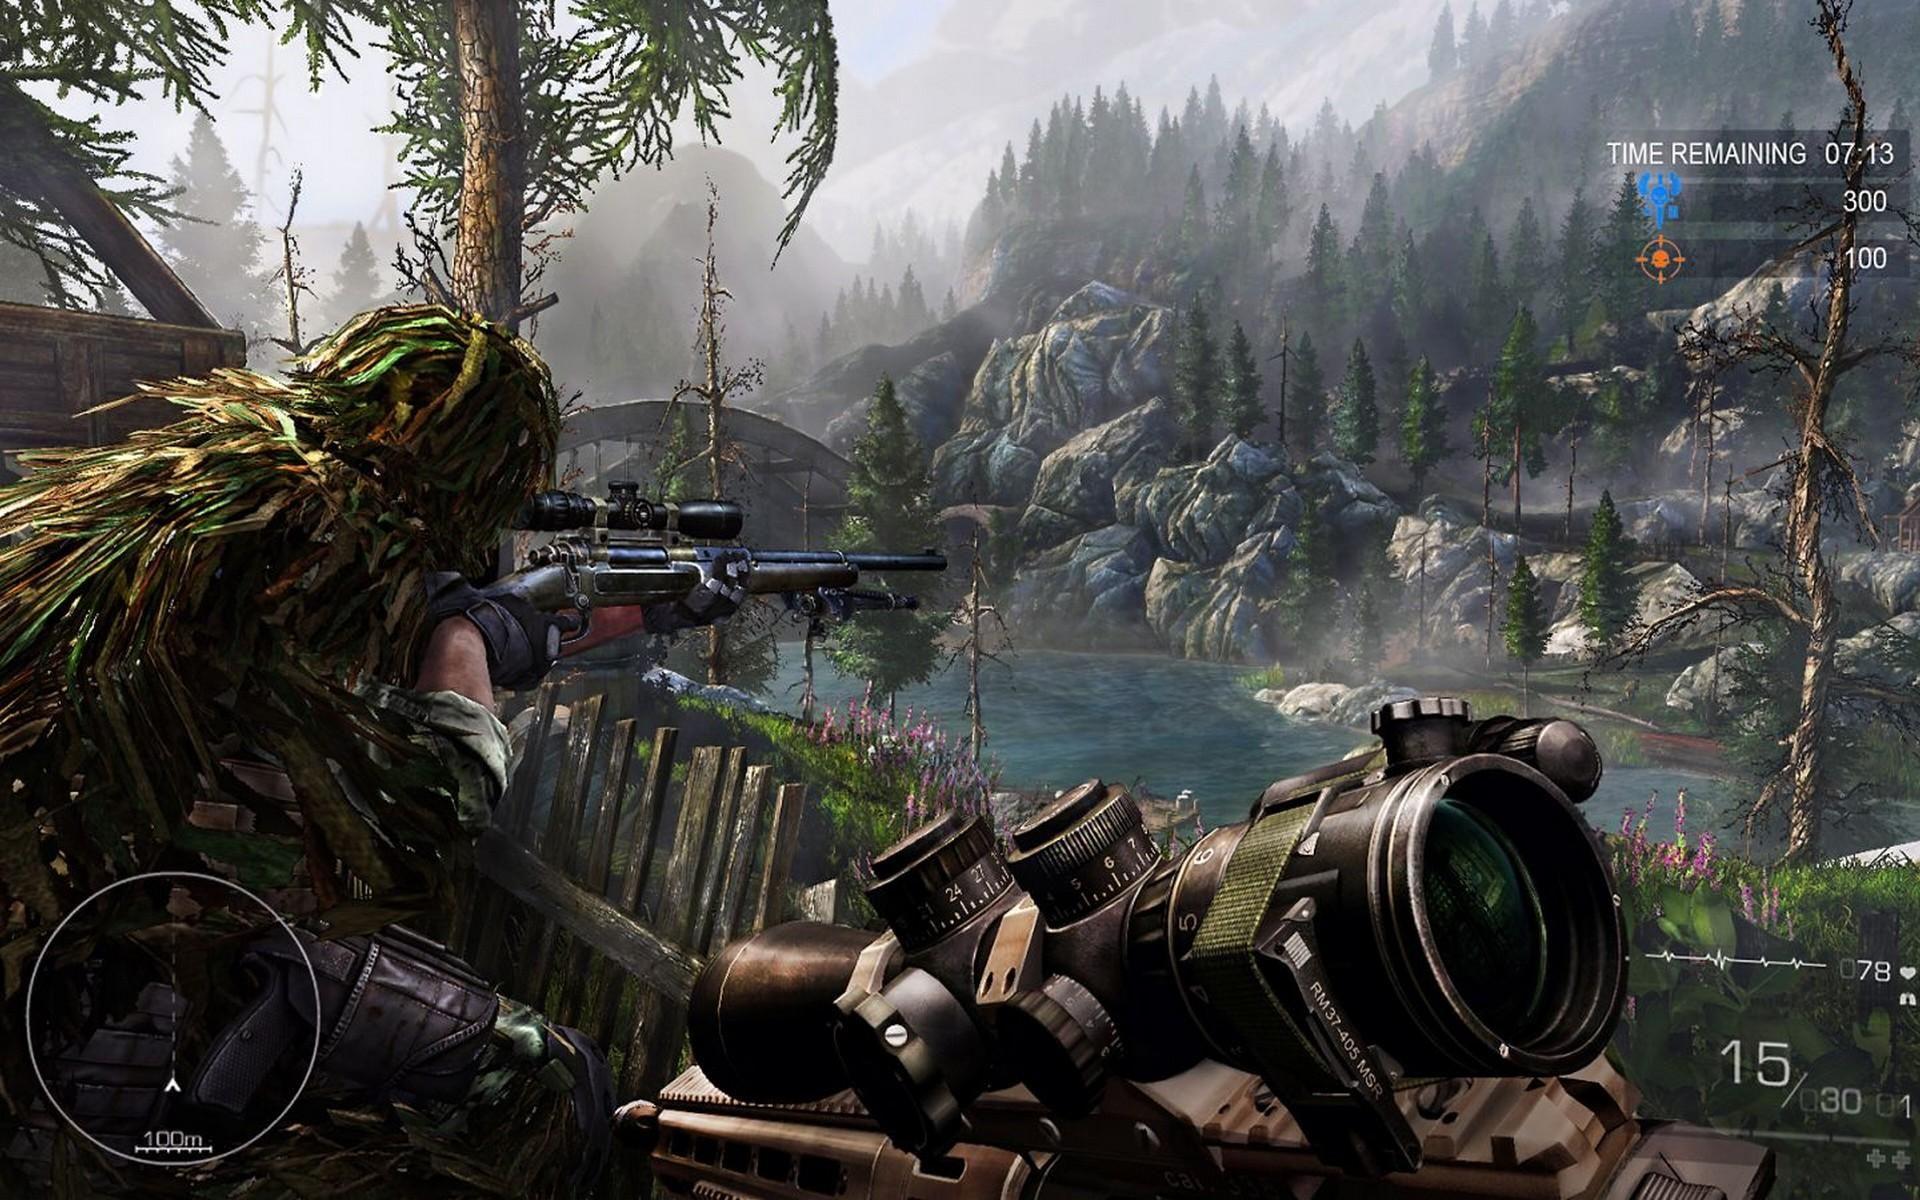 cool sniper pics - HD1920×1200